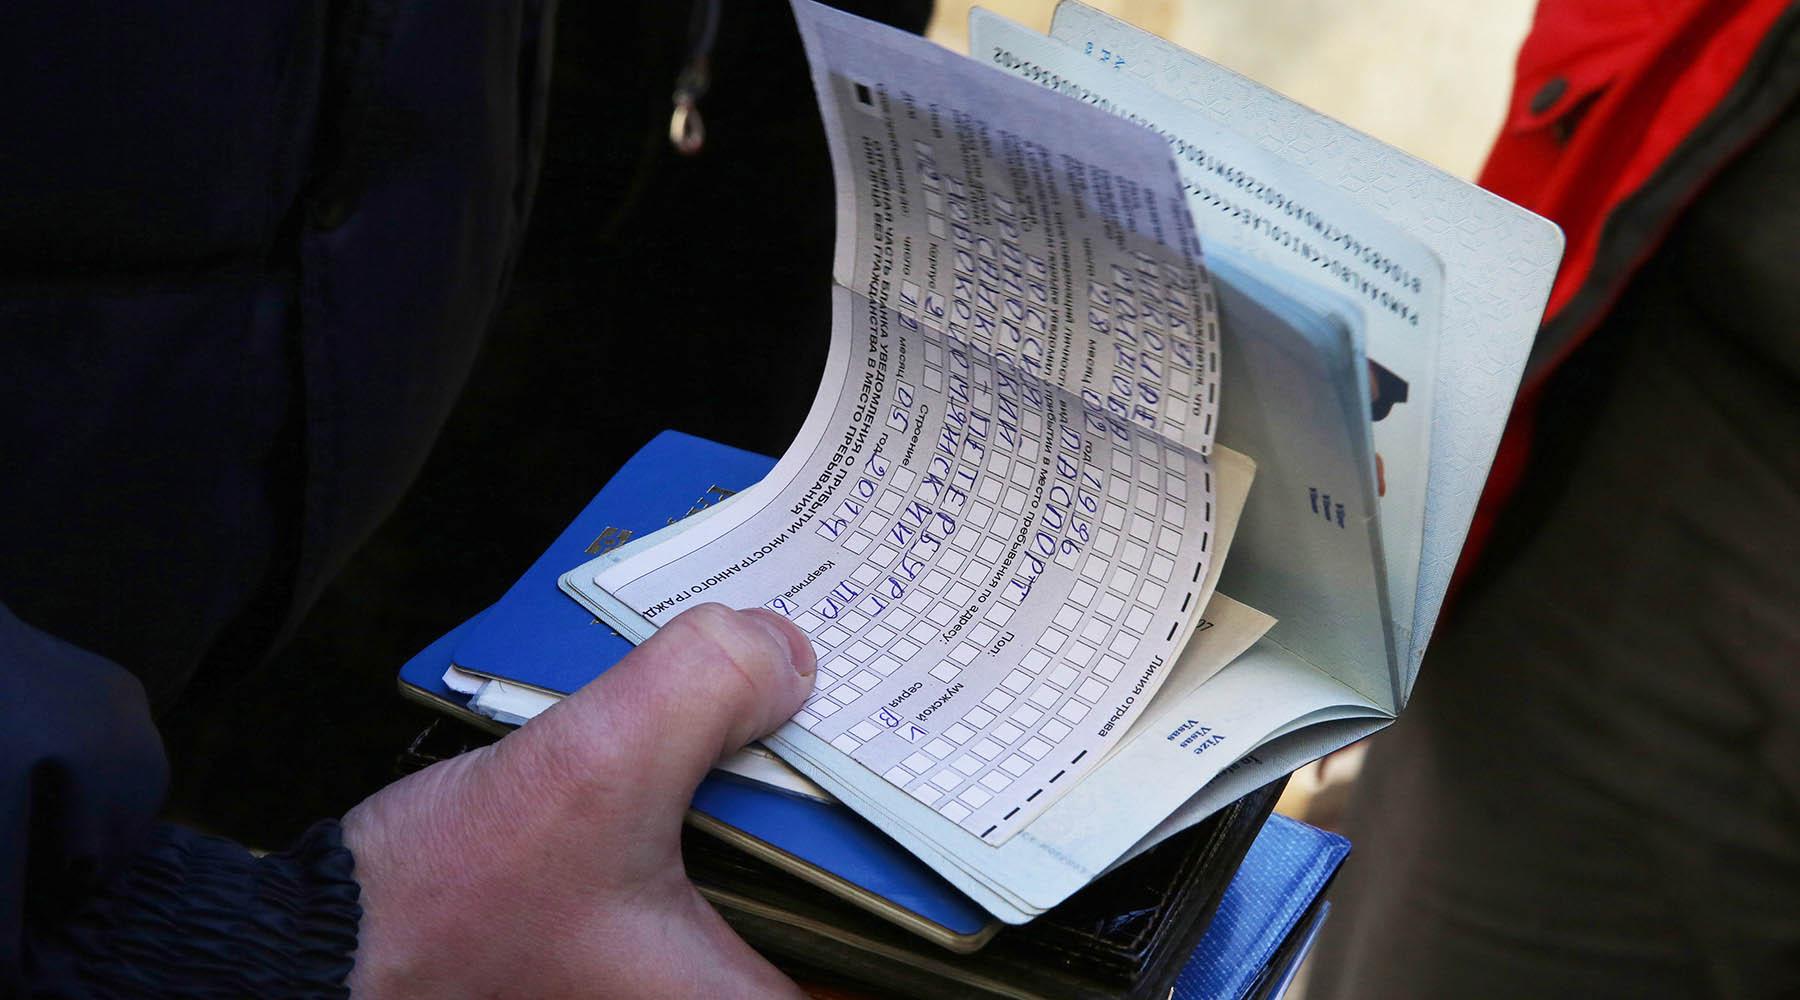 За фальшивые документы в Туле осудили мигранта